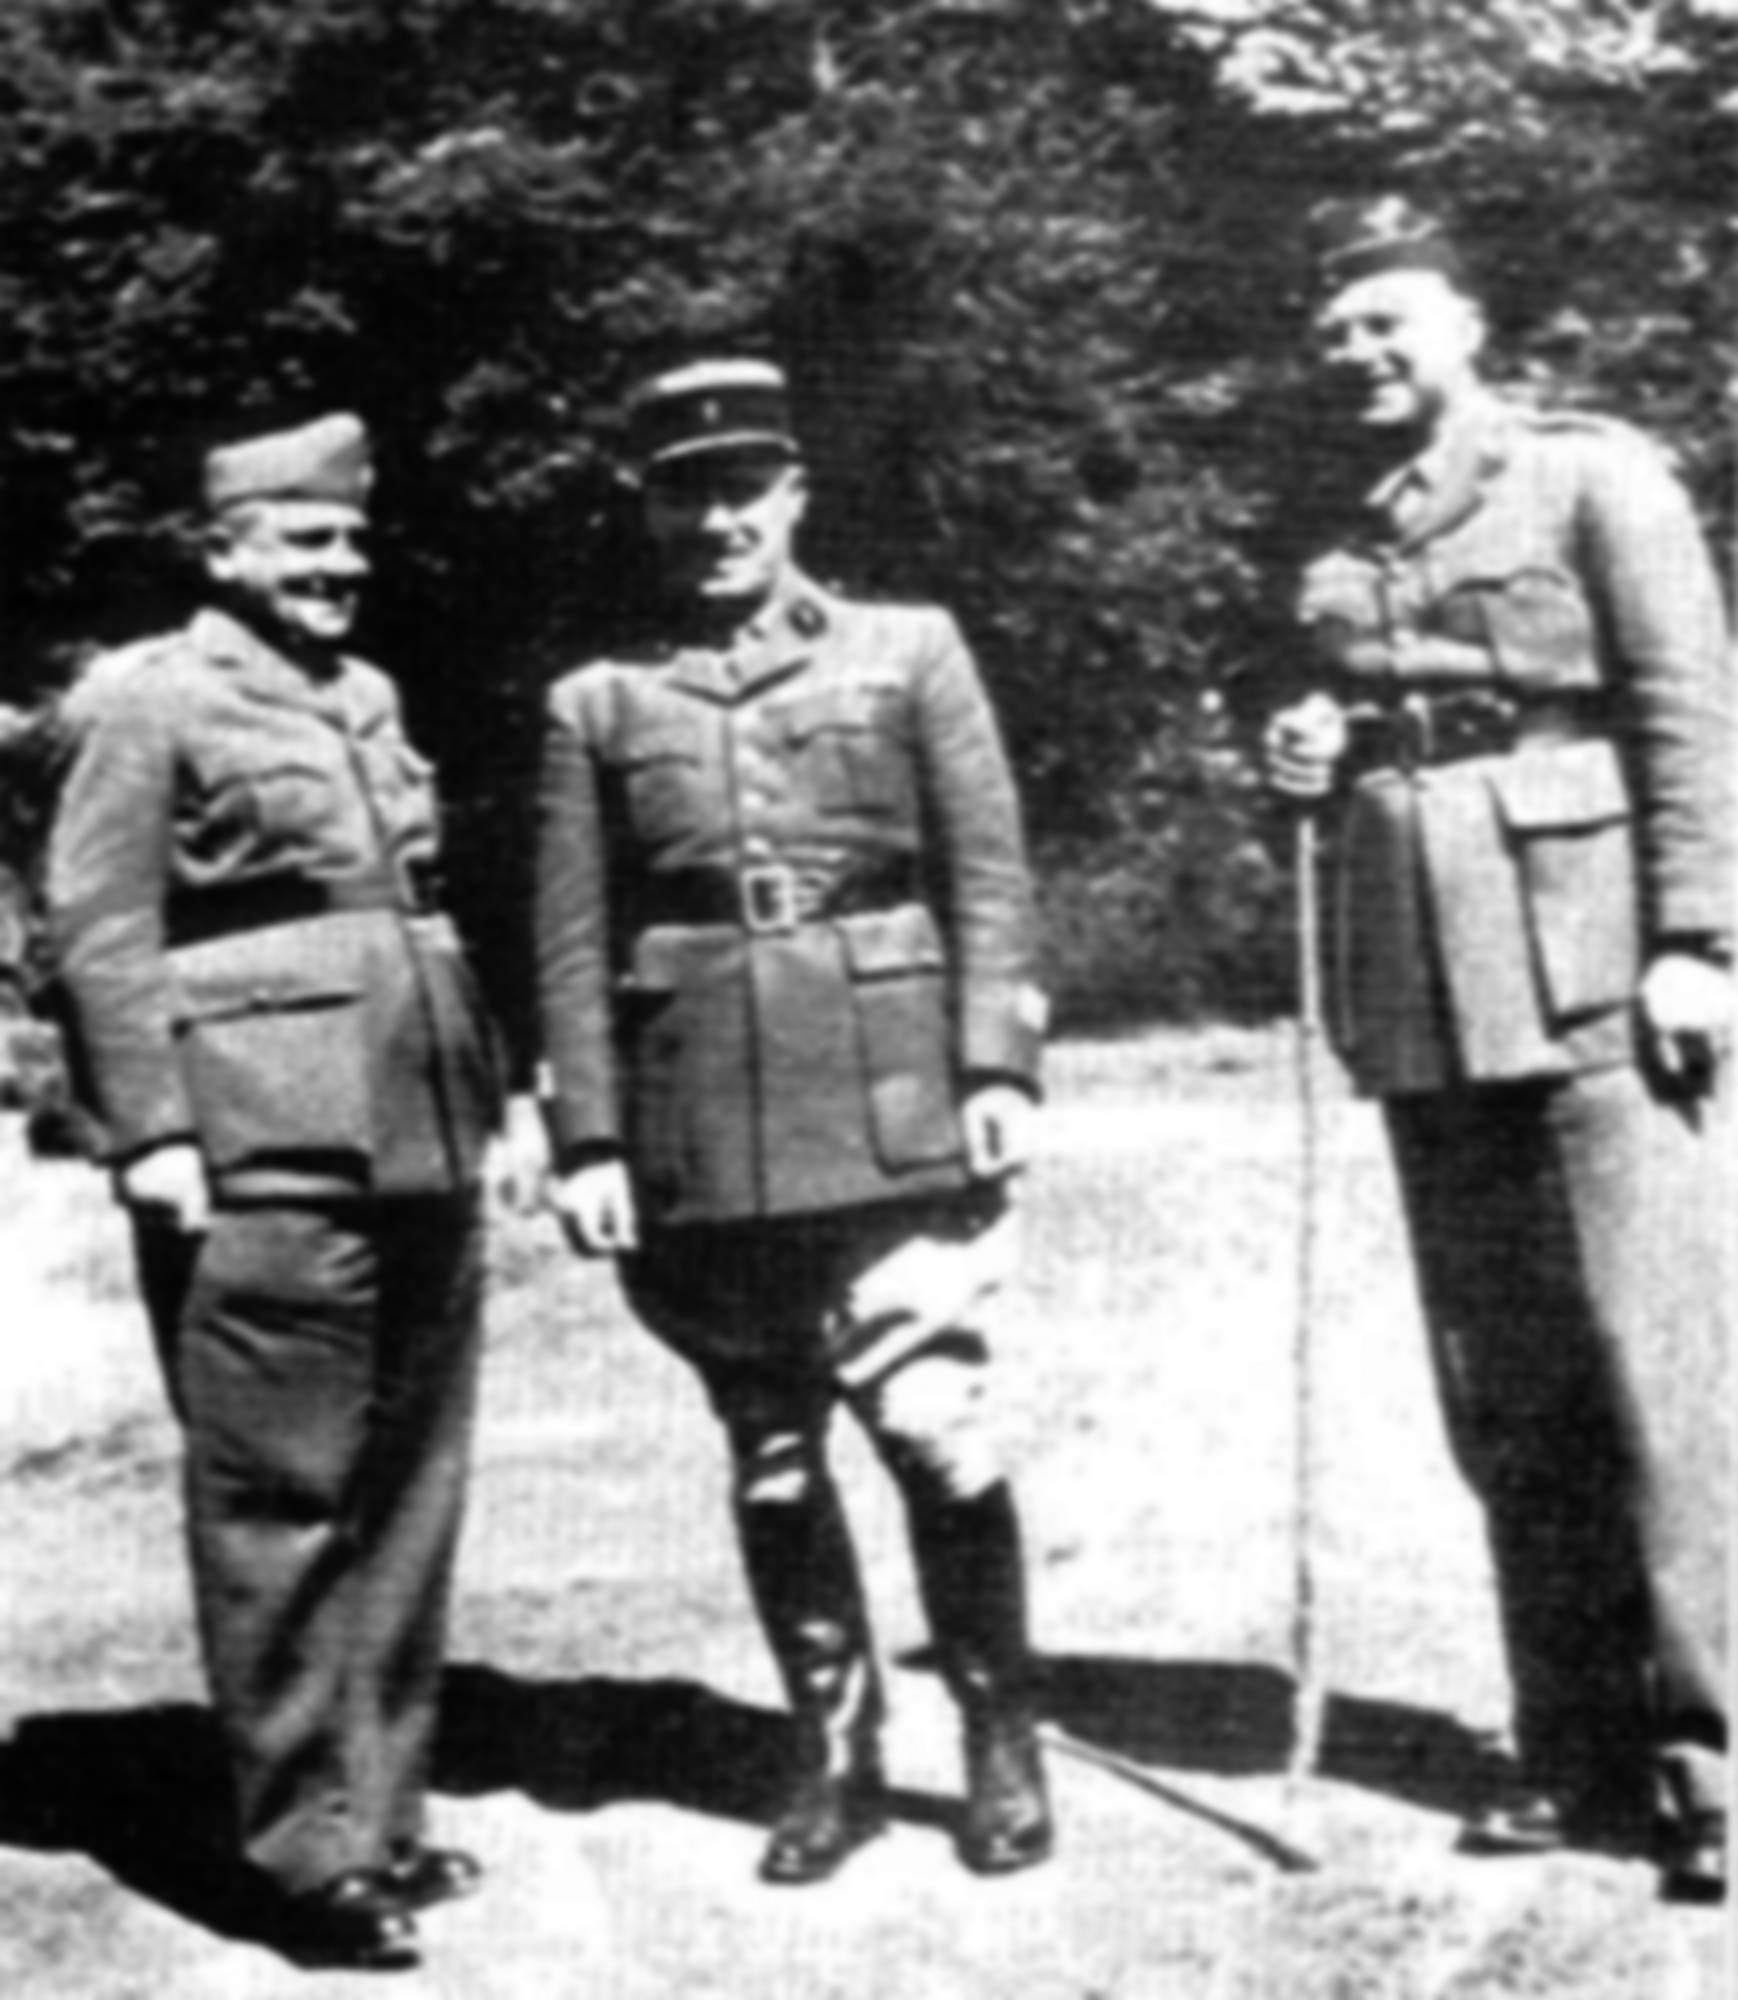 Po wkroczeniu wojsk niemieckich do Francji zespół został ewakuowany do Algierii by wkrótce na terenie nieokupowanej Francji wznowić pracę w ośrodku o kryptonimie Cadix.